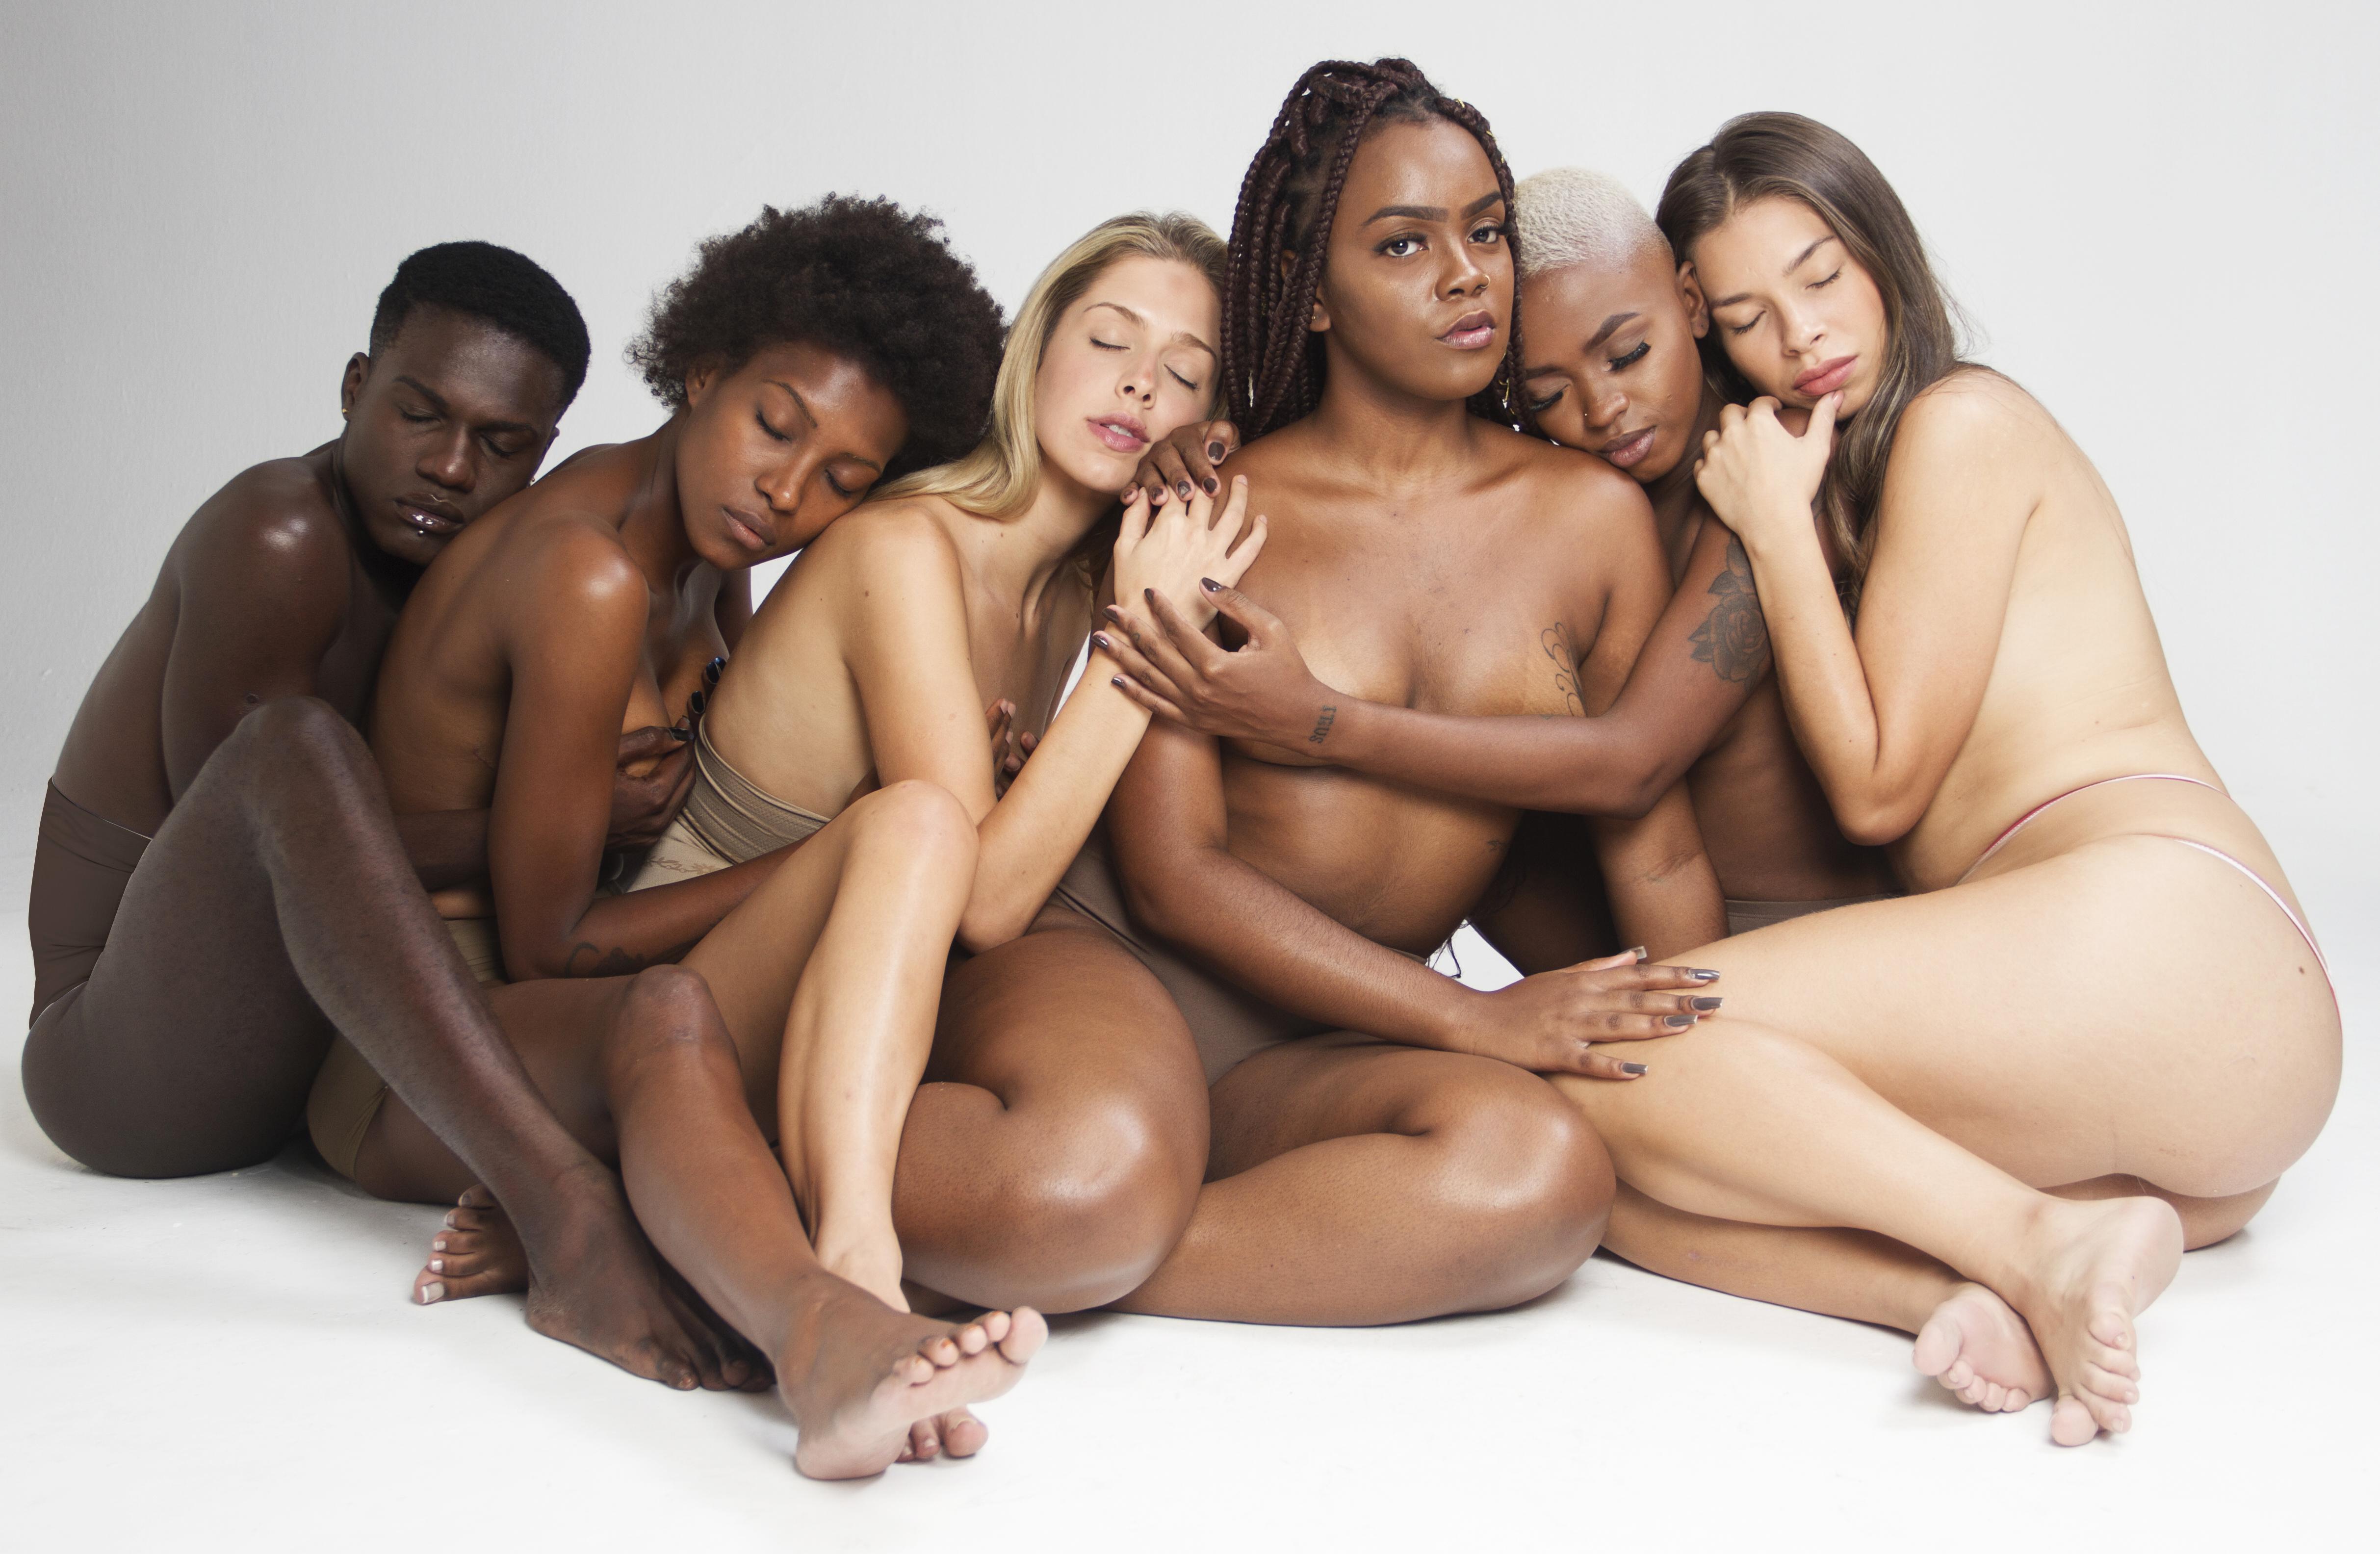 United bodies 1